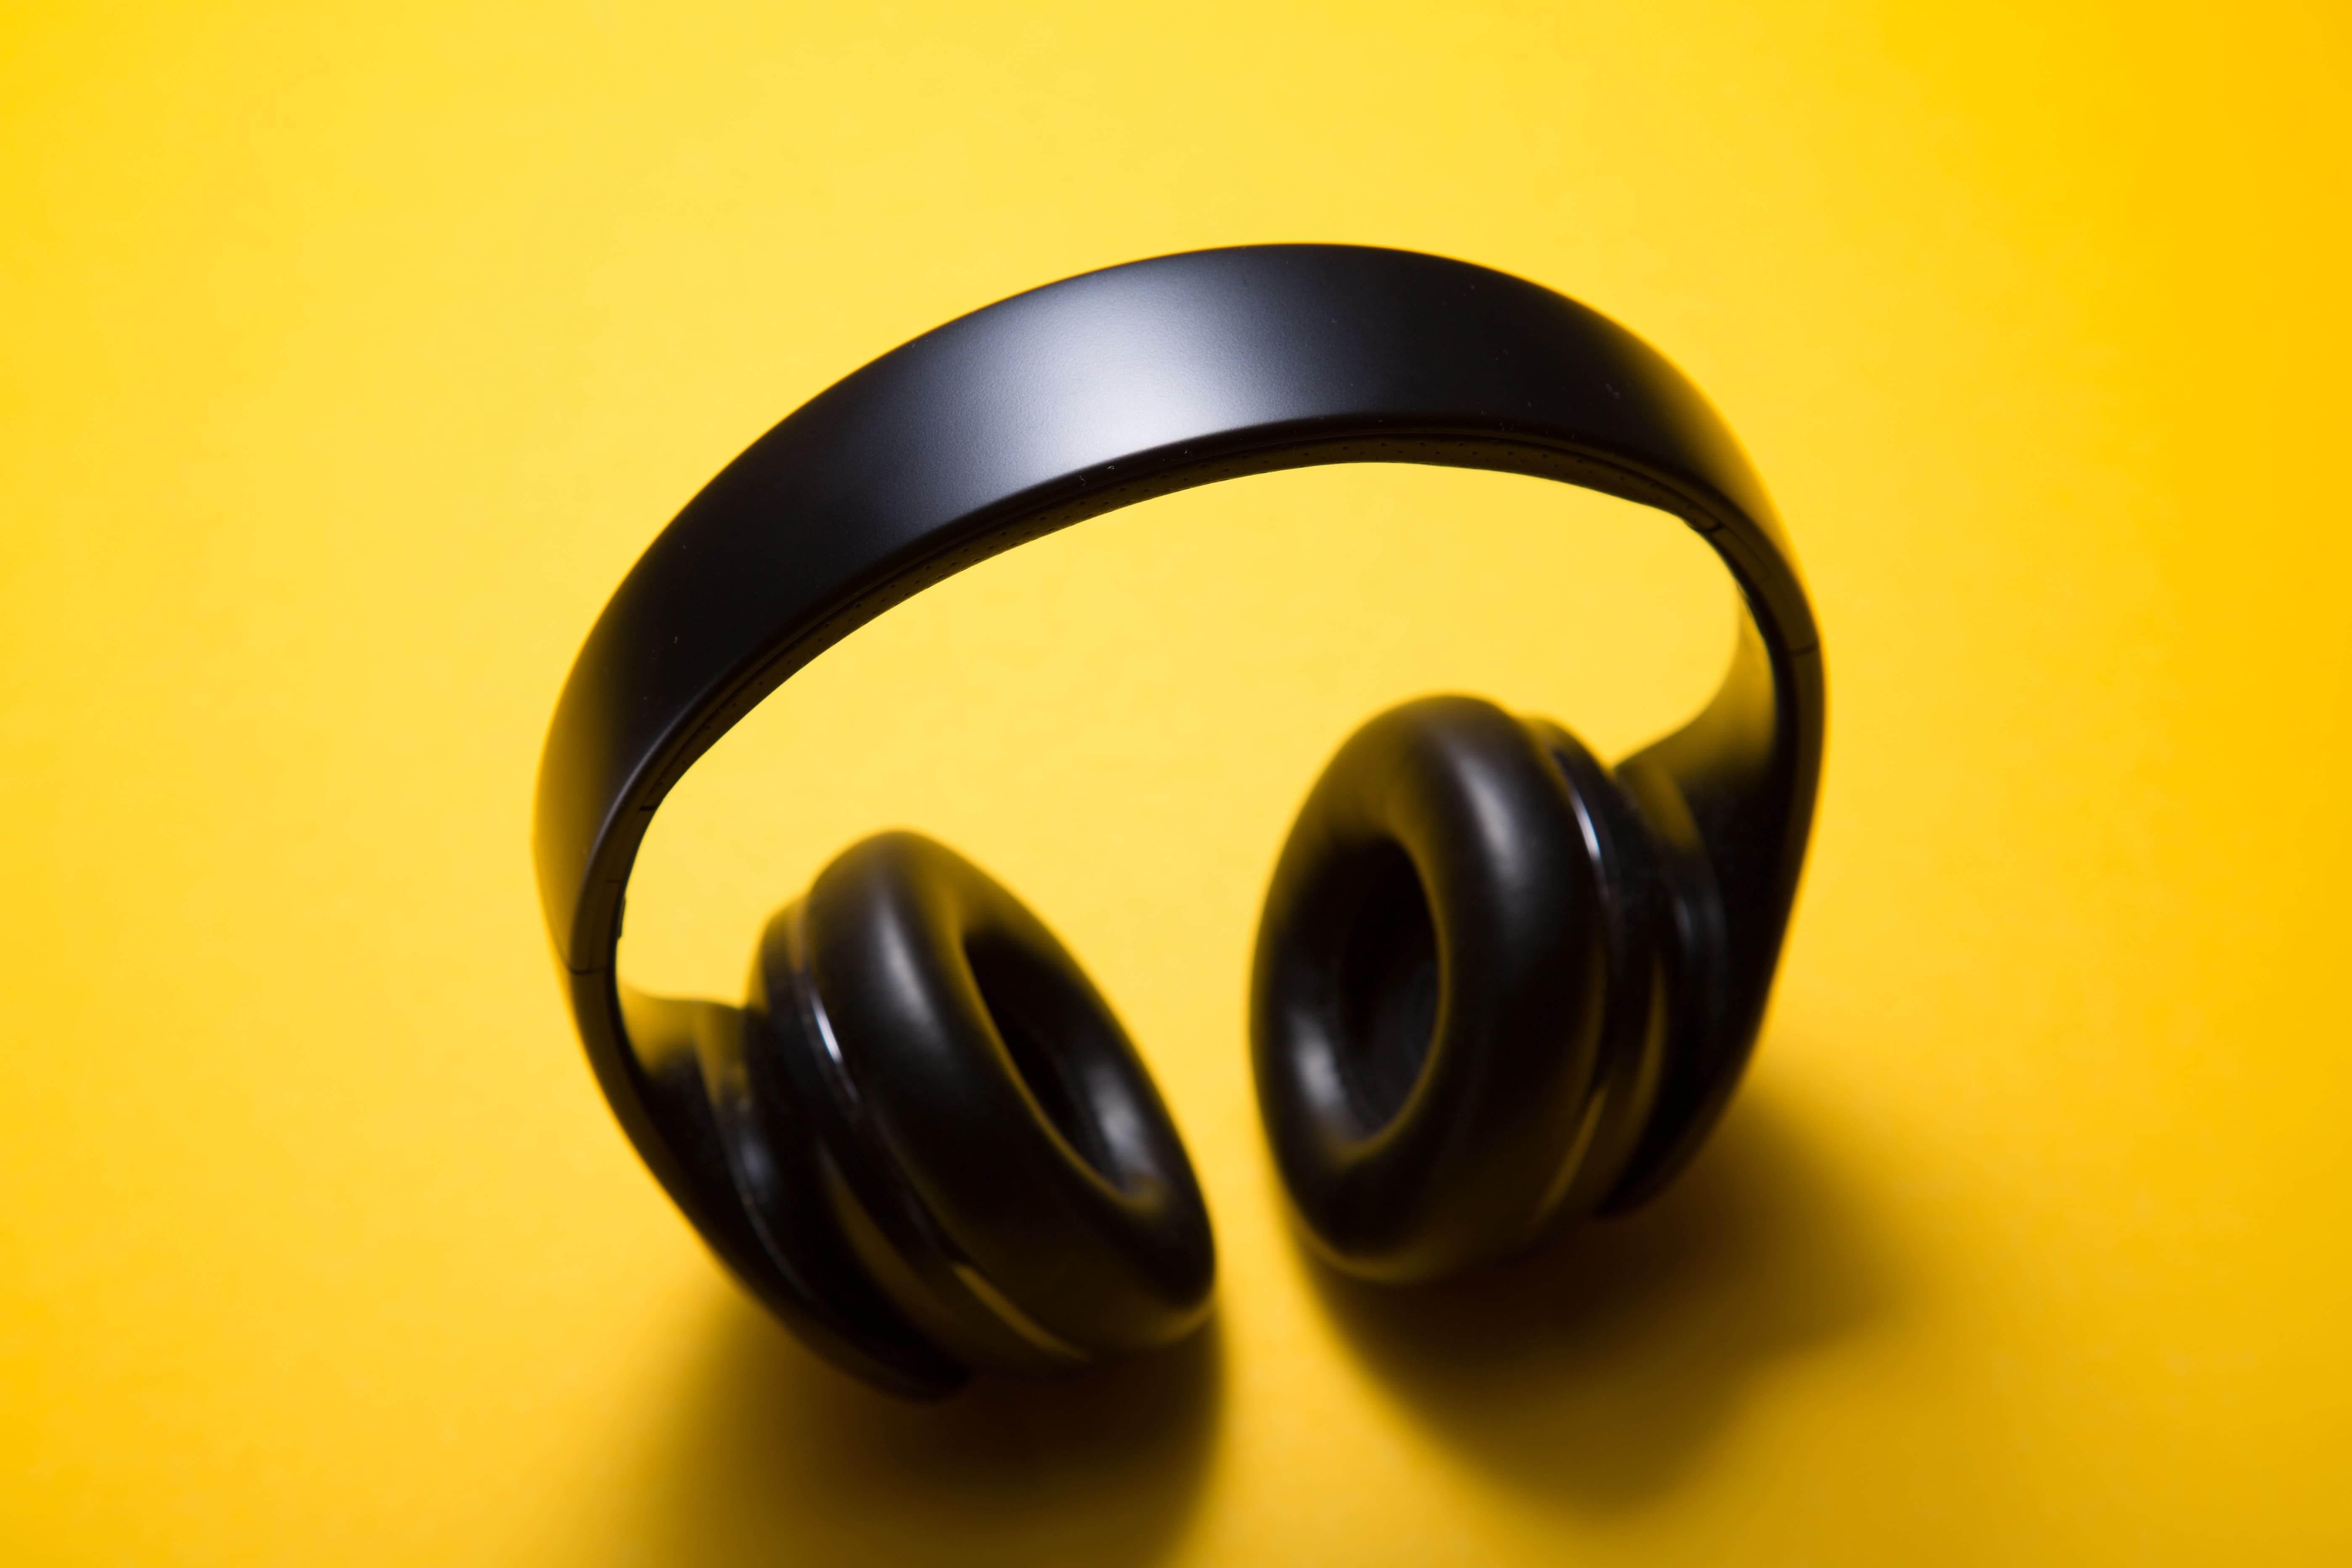 kablosuz kulak üstü kulaklık